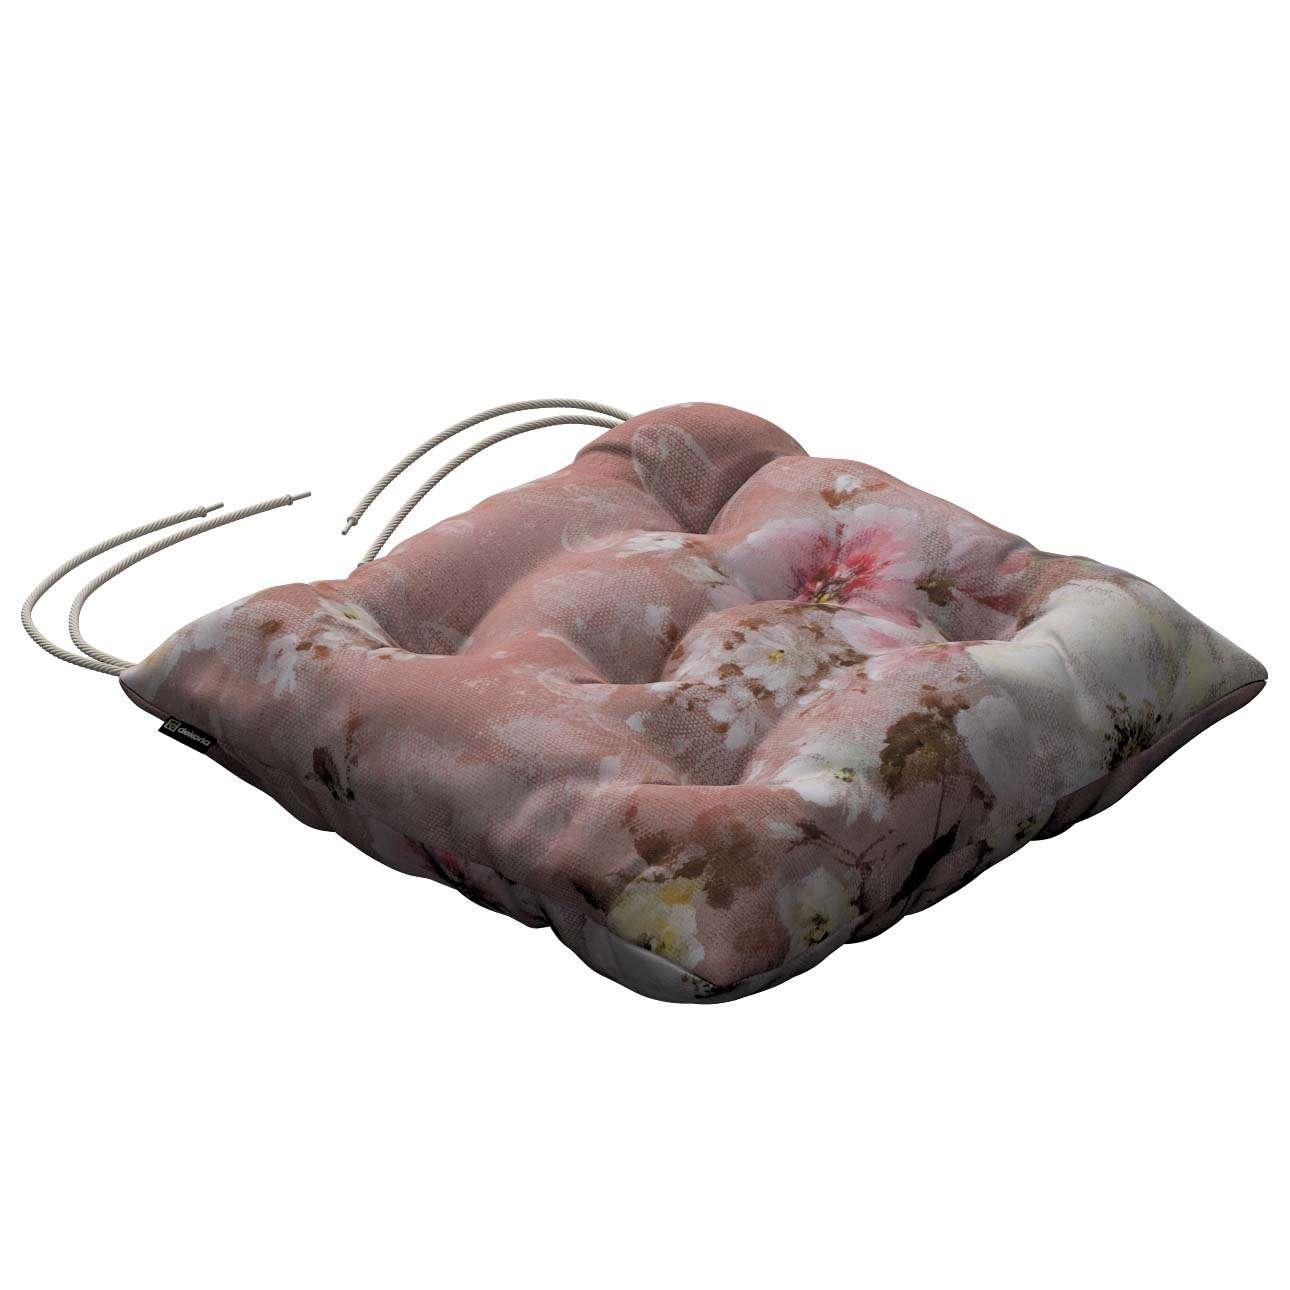 Siedzisko Jacek na krzesło 38x38x8cm w kolekcji Monet, tkanina: 137-83